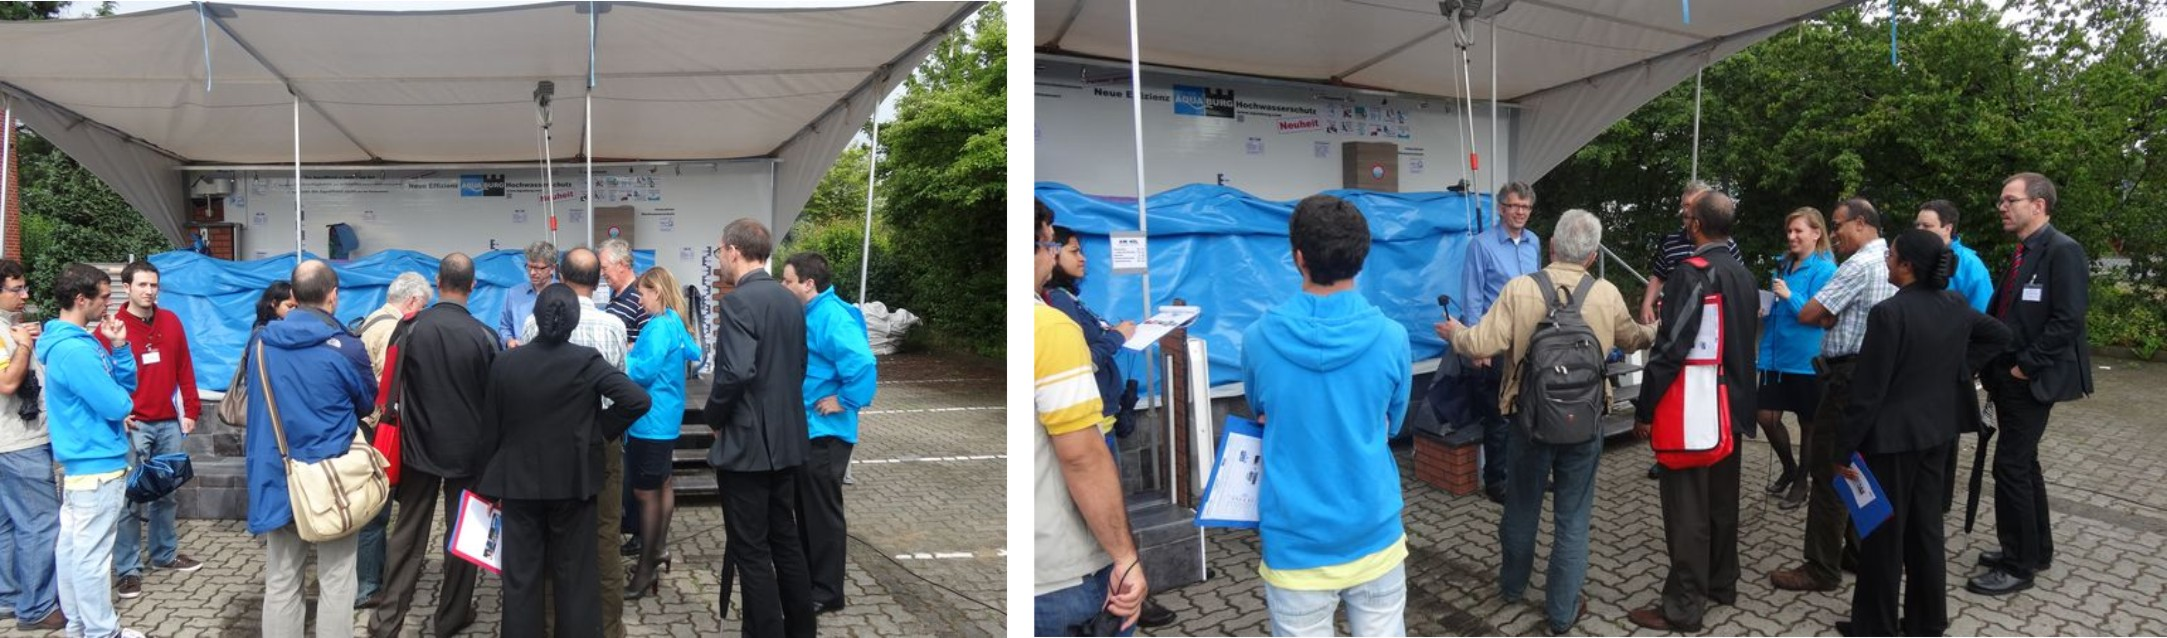 Die Vorstellung der mobile Hochwasserschutzes AquaWand mit dem Showmobil beim Kunden